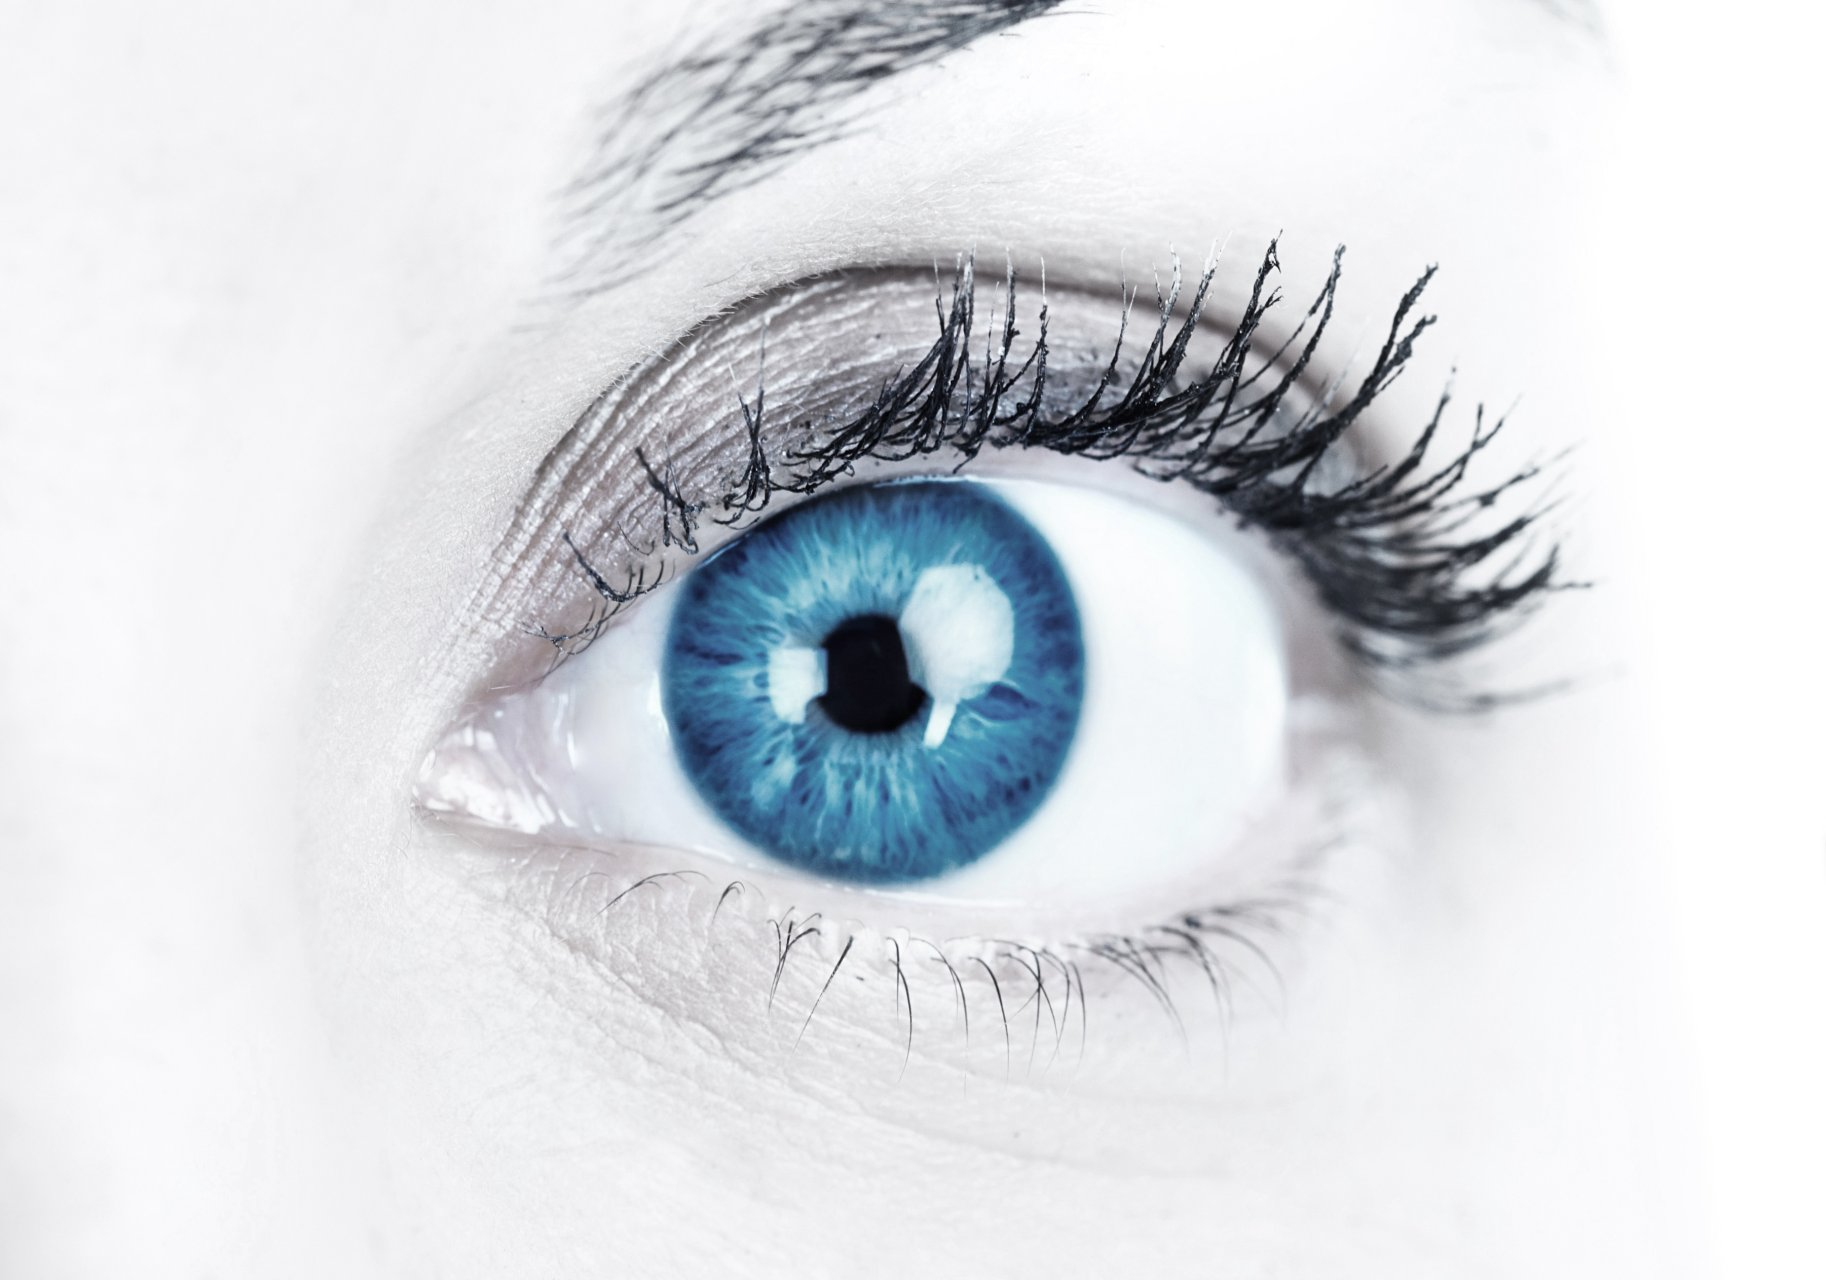 Akyse pastebėti pokyčiai gali padėti nustatyti riziką sirgti širdies ligomis - DELFI Sveikata